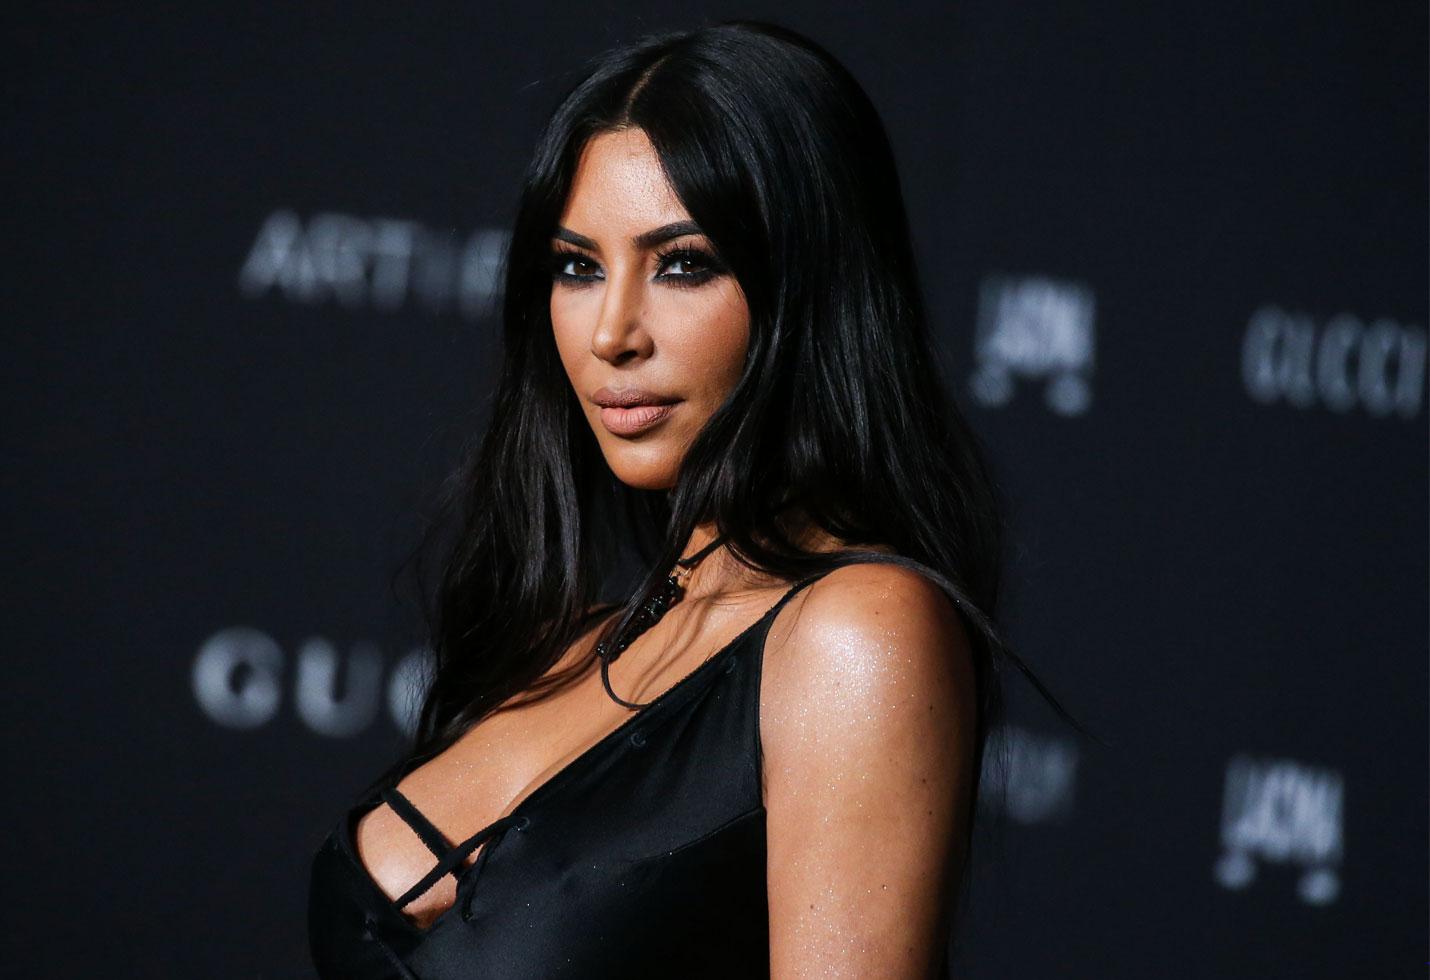 Kim kardashian instagram see-through bodysuit sexy photos